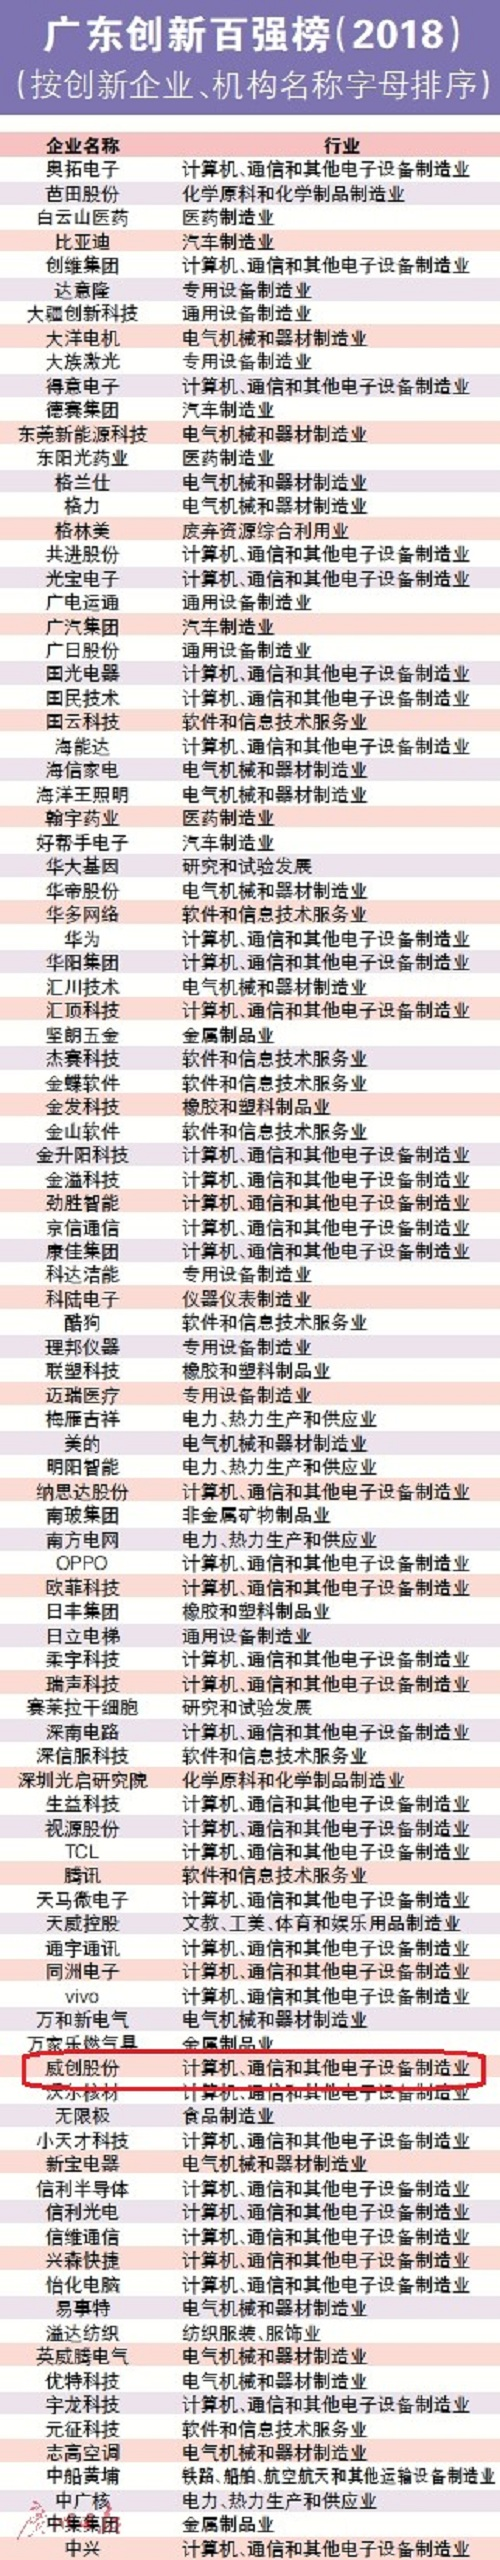 """威创荣登""""2018广东创新TOP100榜"""""""